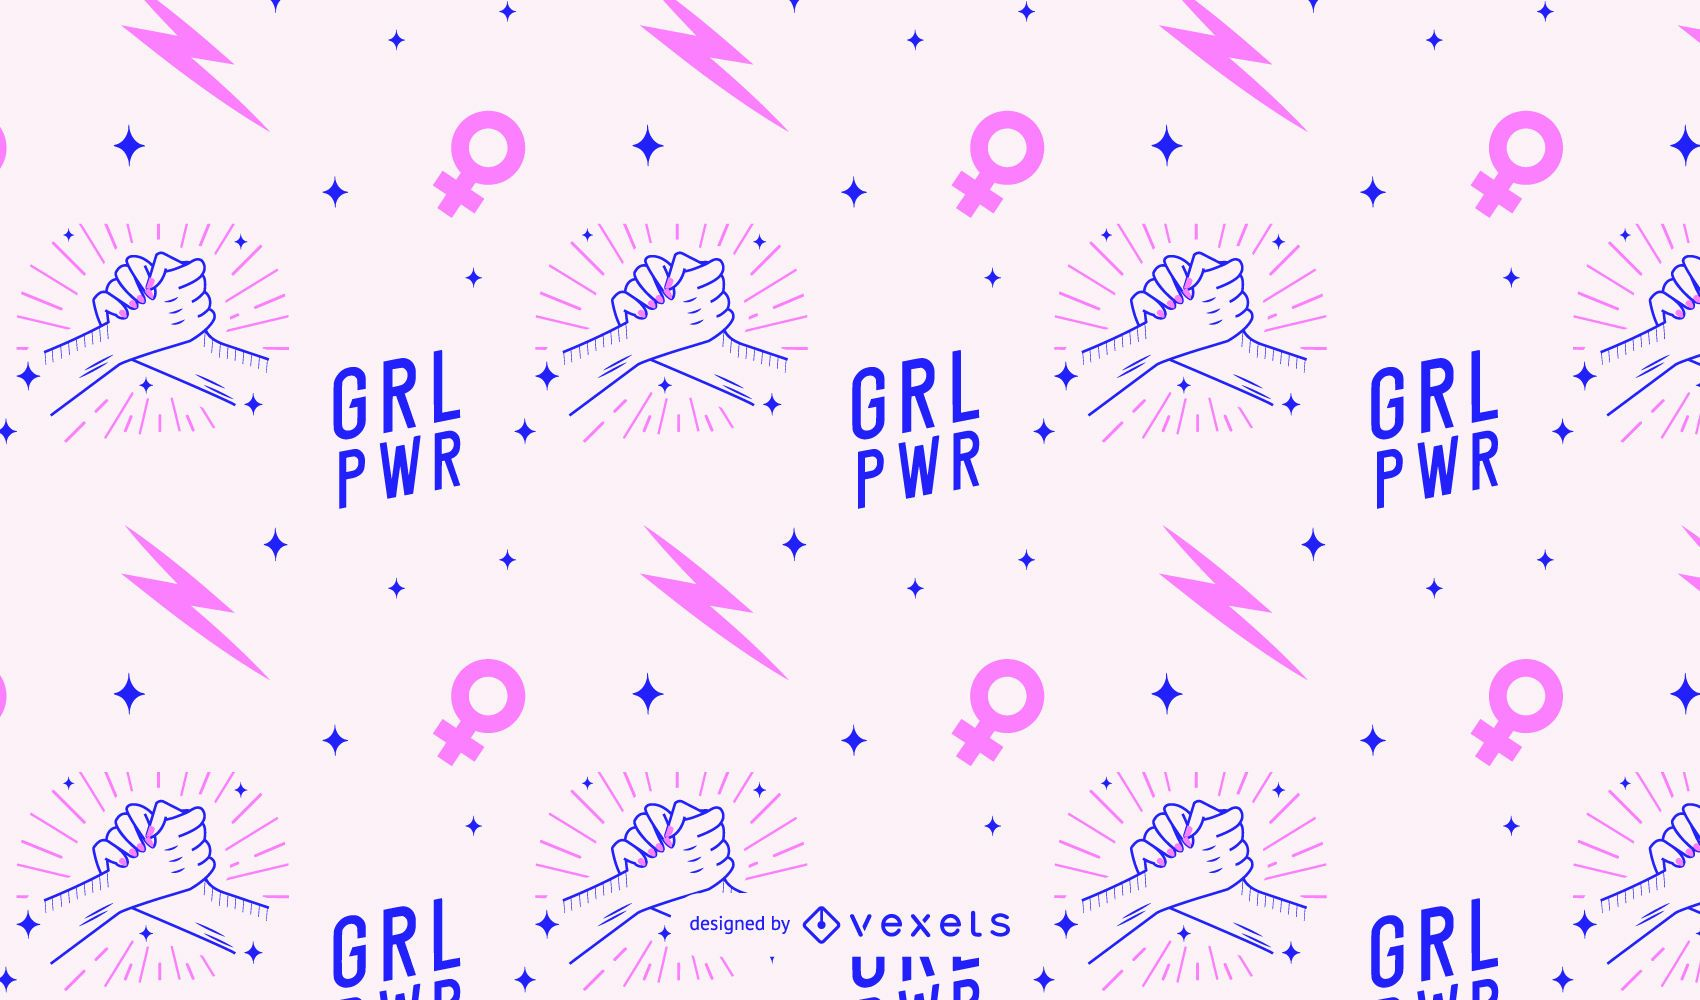 Grl pwr women's day pattern